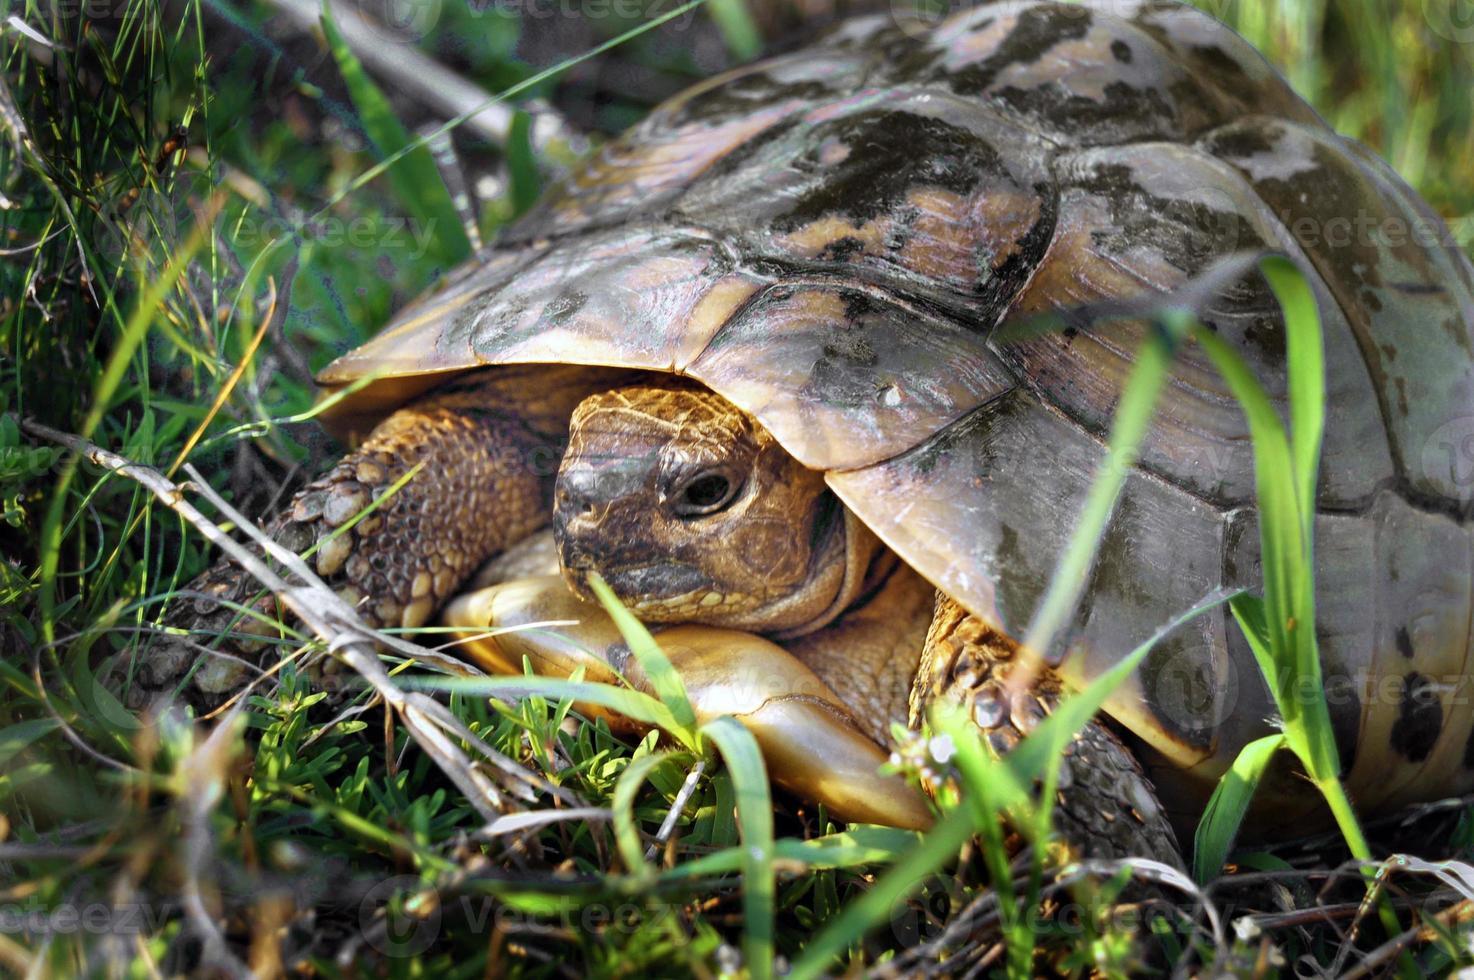 Wild turtle photo